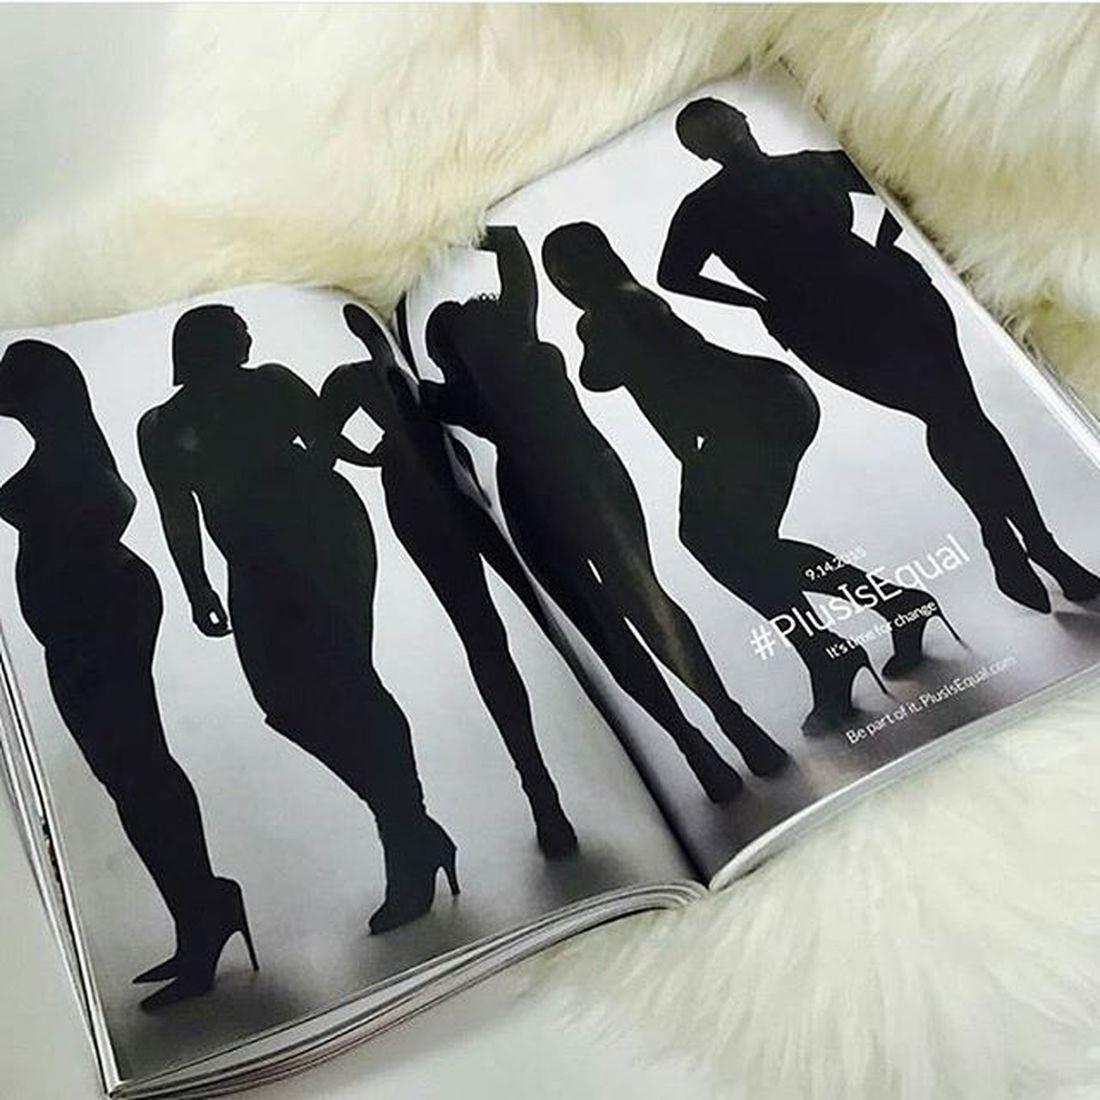 Пышечки в тренде! Самые сексуальные plus-size модели в одной кампании